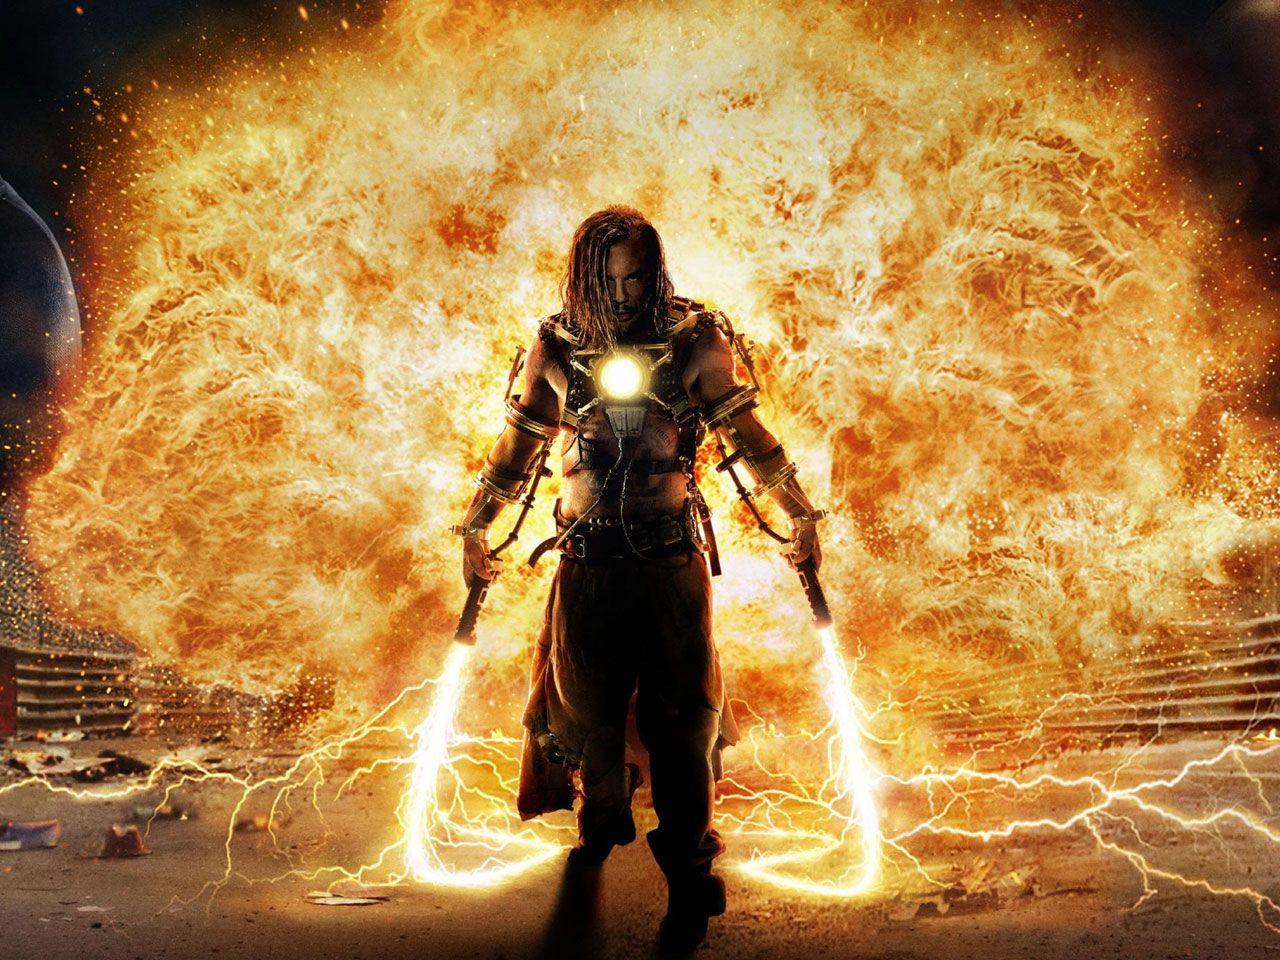 Мжчина с окровавленным мечем в огне  № 1840925  скачать